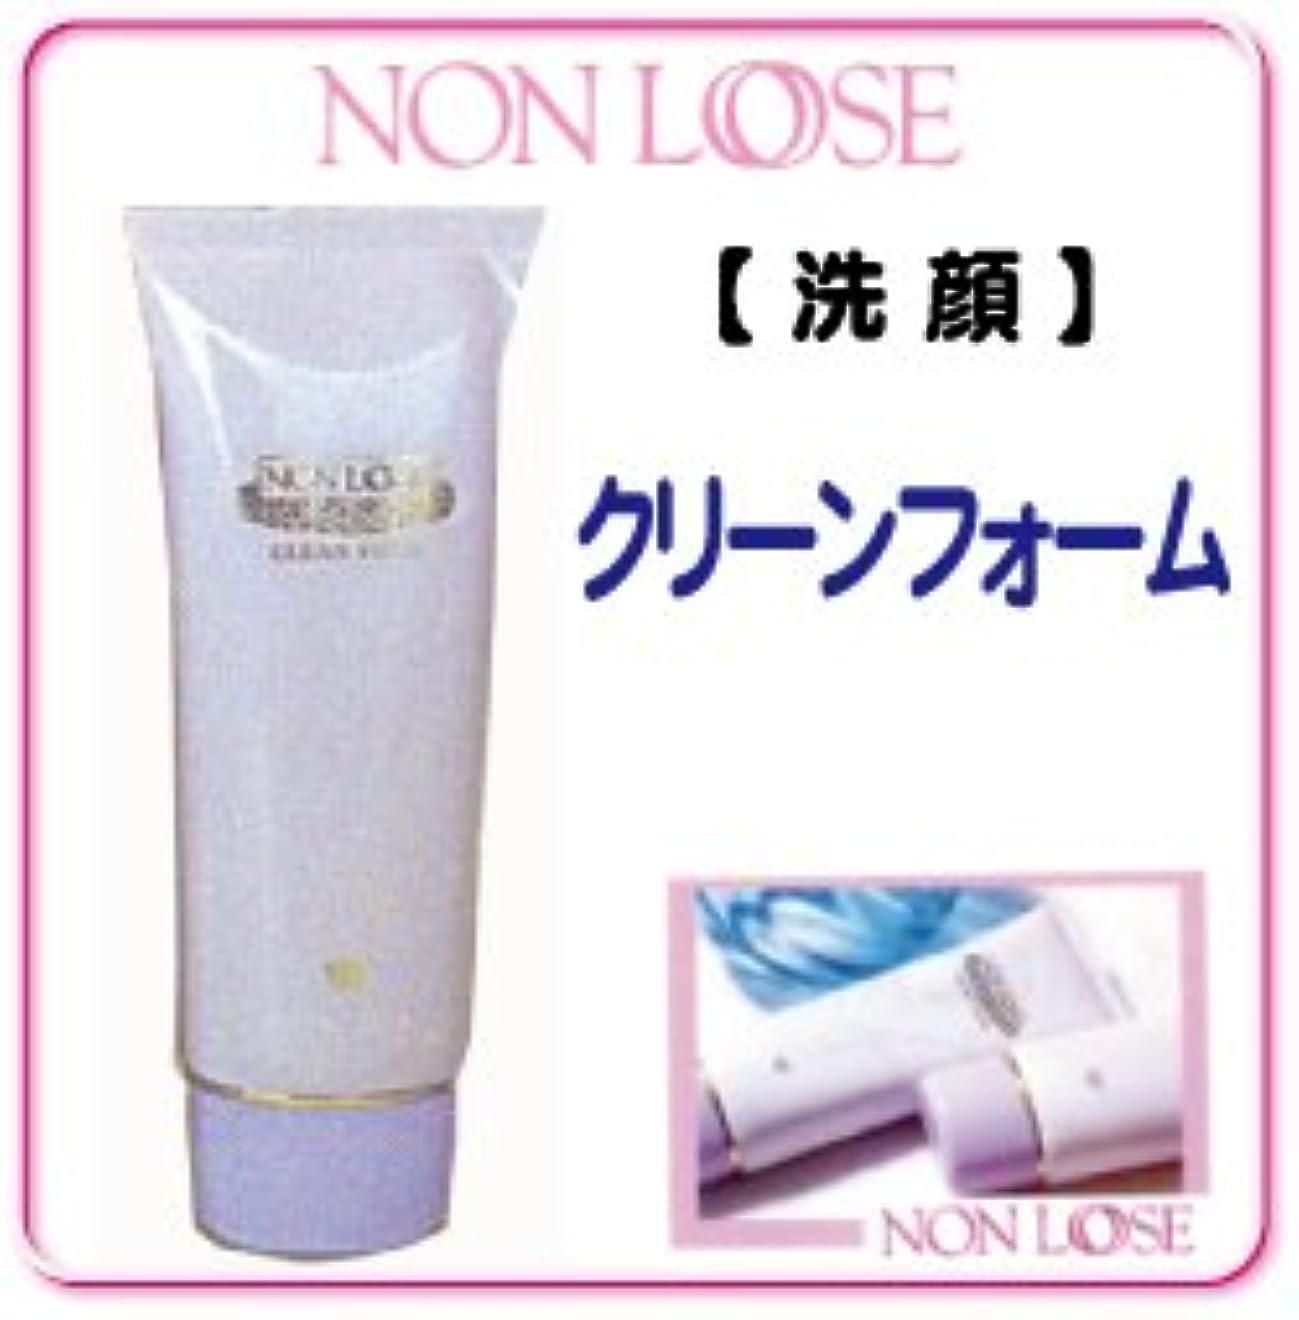 失業結婚式モルヒネベルマン化粧品 ノンル―ス クリーンフォーム 100g 【洗顔料】